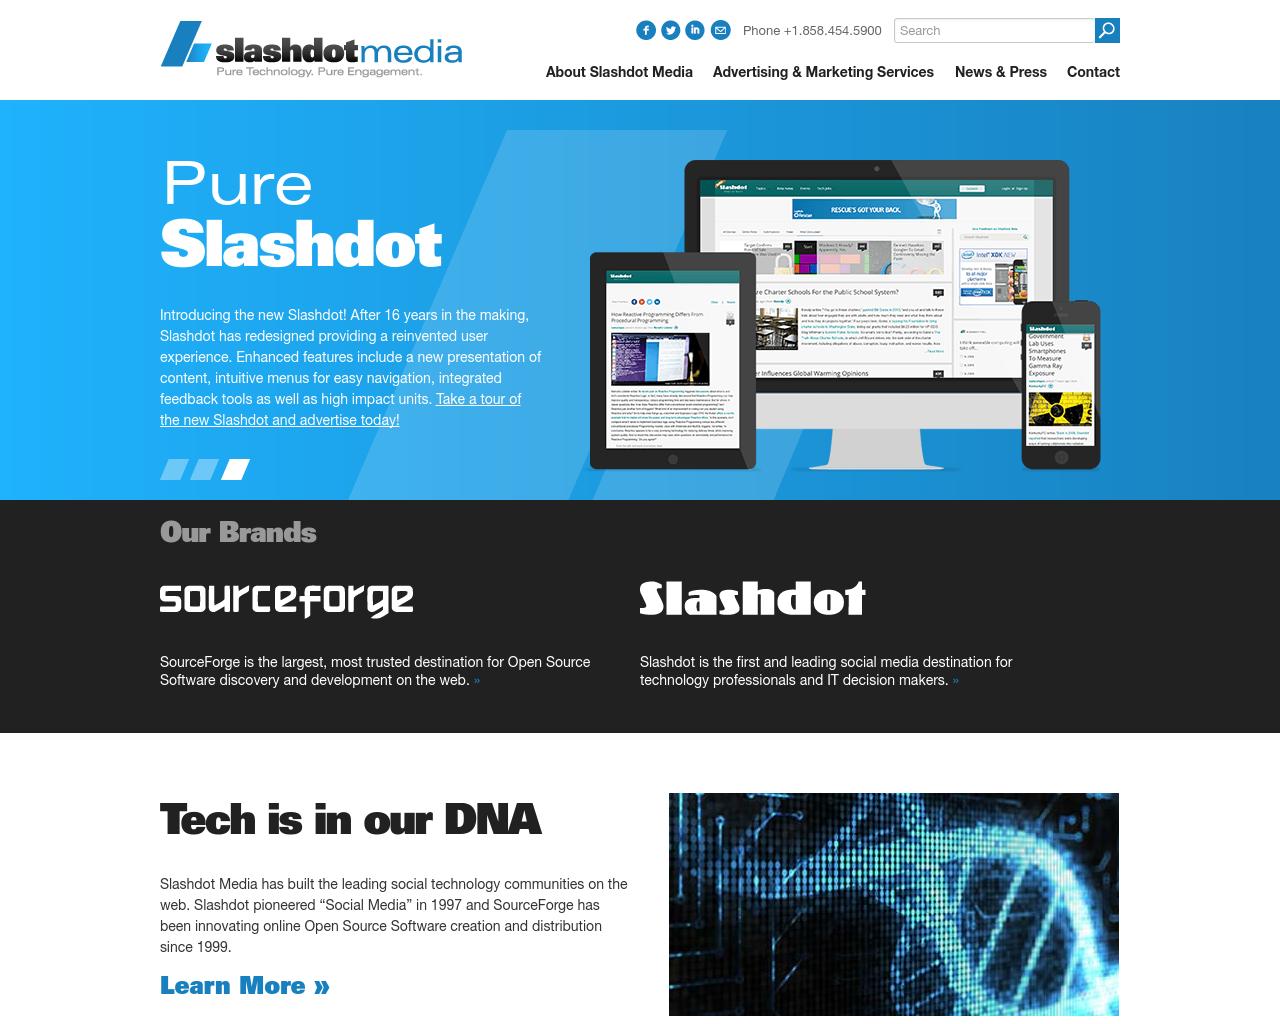 Slashdot-Media-Advertising-Reviews-Pricing